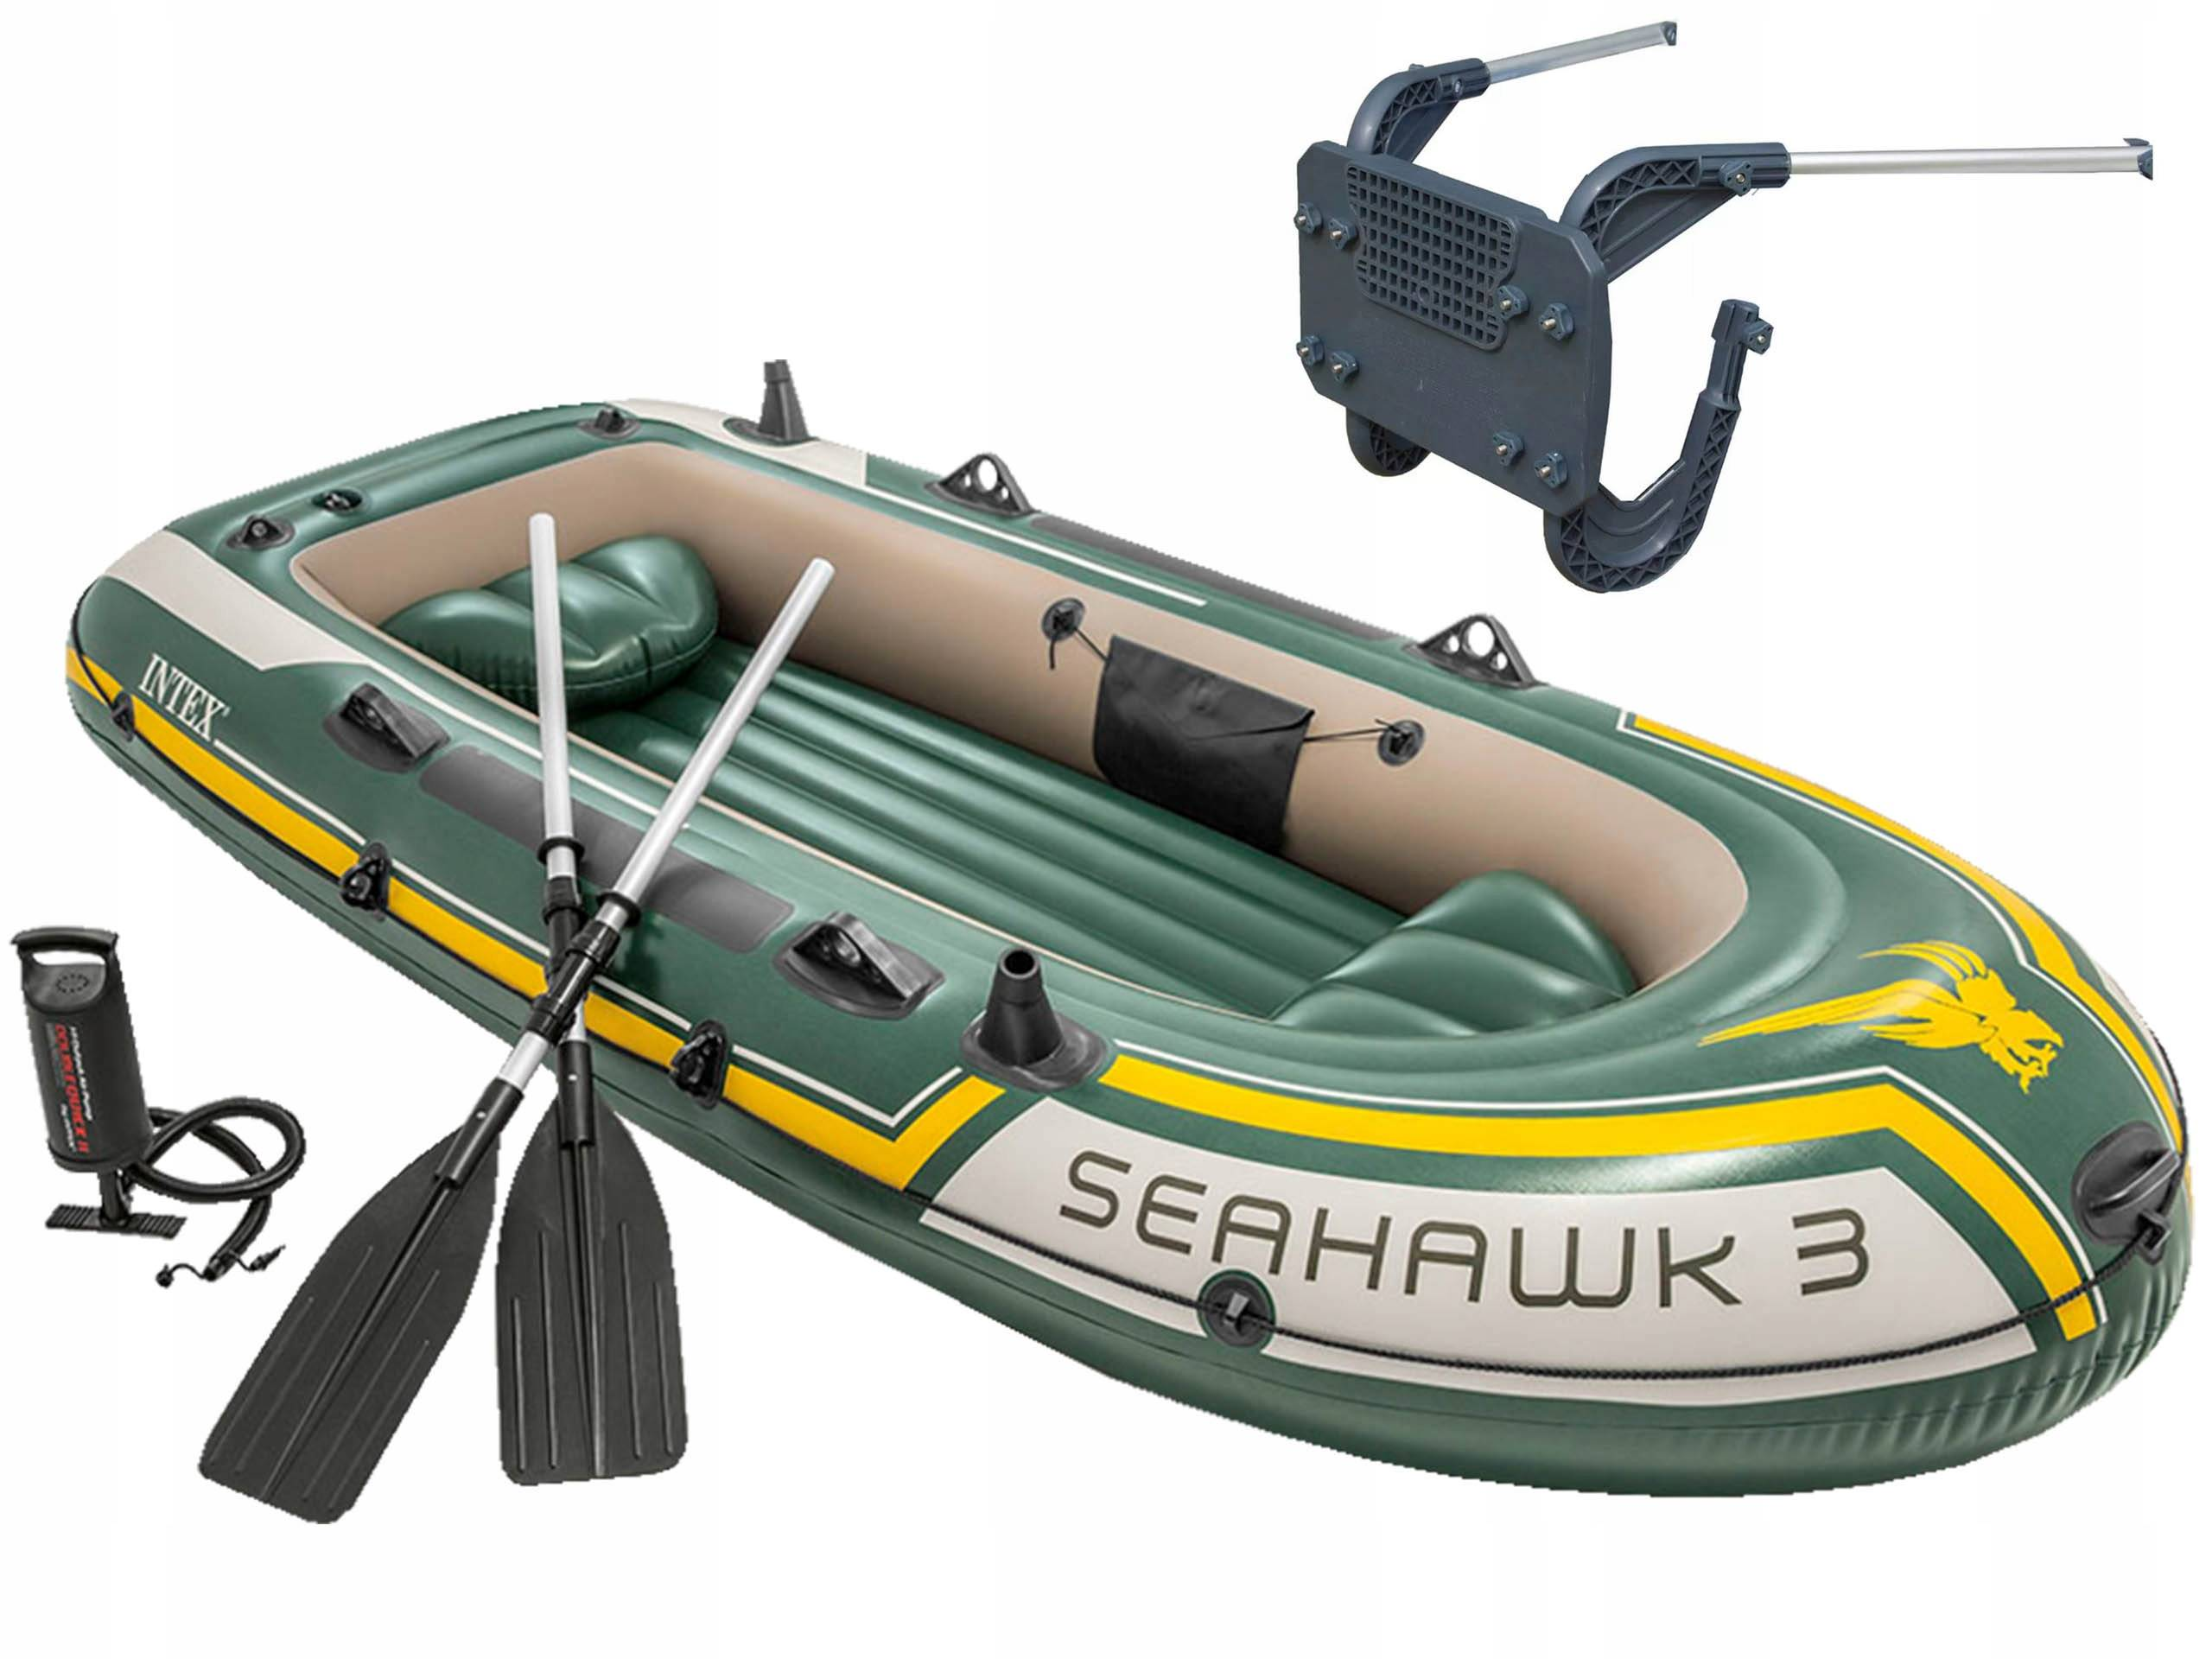 Топ-10 лучших лодок пвх в 2020 году: рейтинг лодок пвх + правила выбора